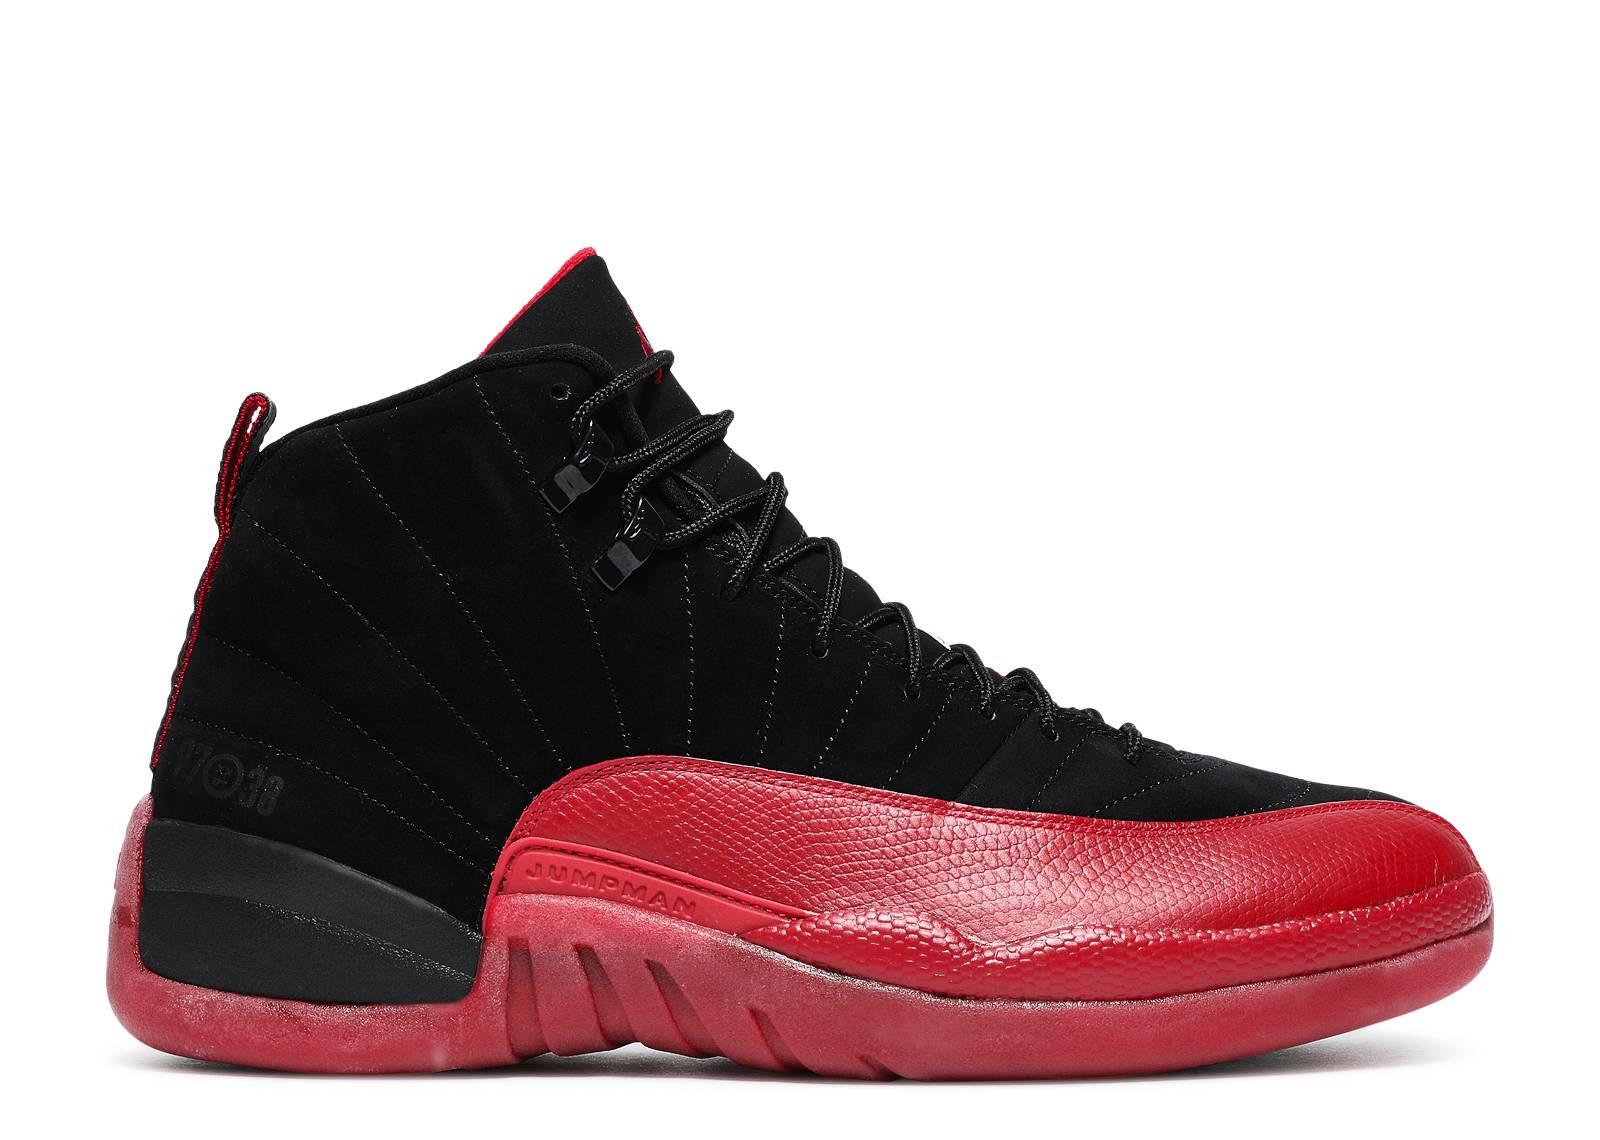 Air Jordan 12 Retro Flu Game 2009 Air Jordan 130690 065